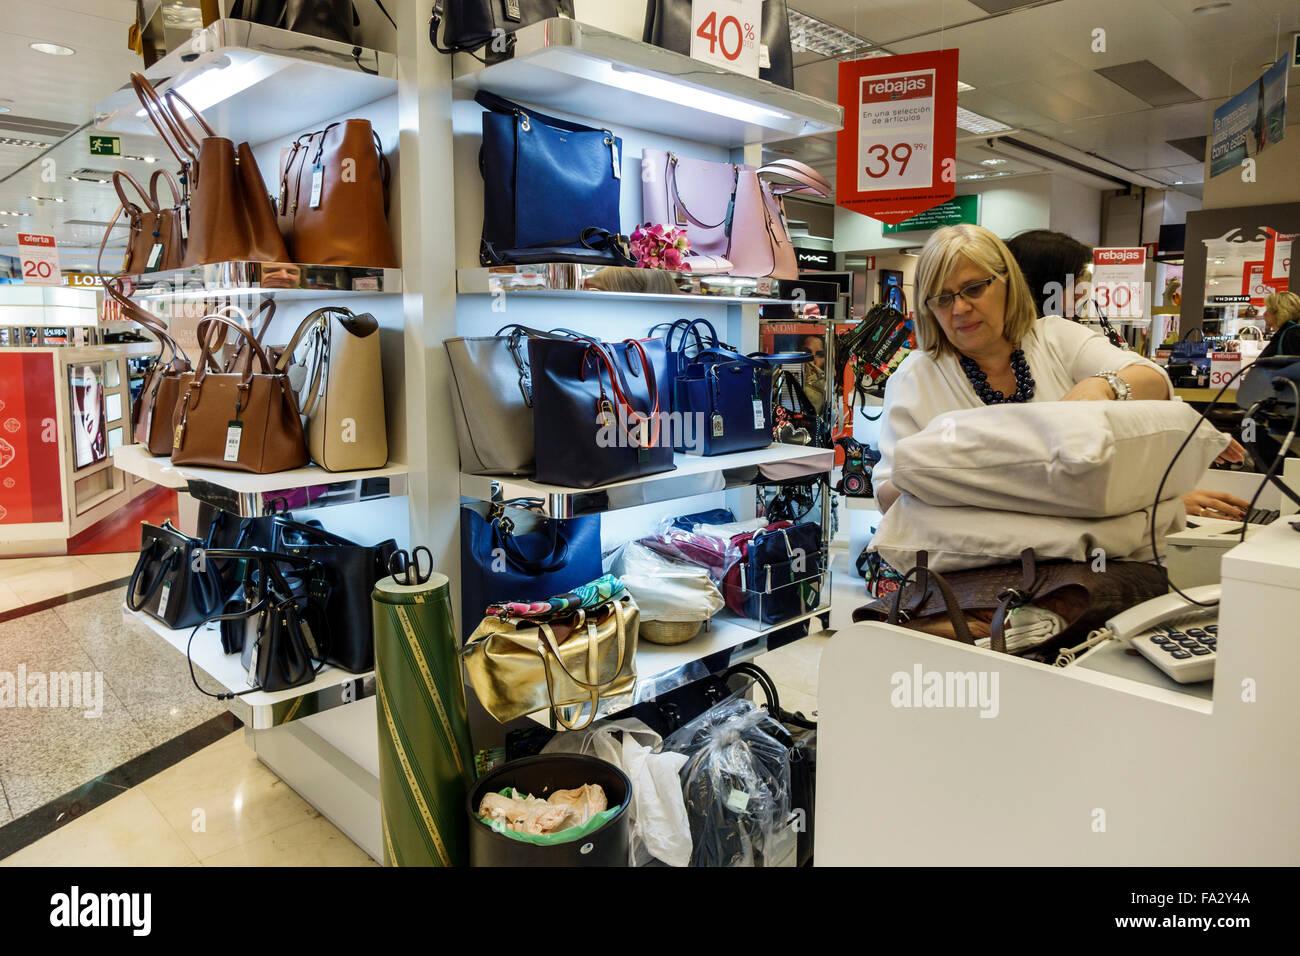 17ffab120bdb49 Spanien Europa Spanisch Spanisch Madrid Moncloa-Aravaca Calle De La  Princesa El Corte Ingles Kaufhaus